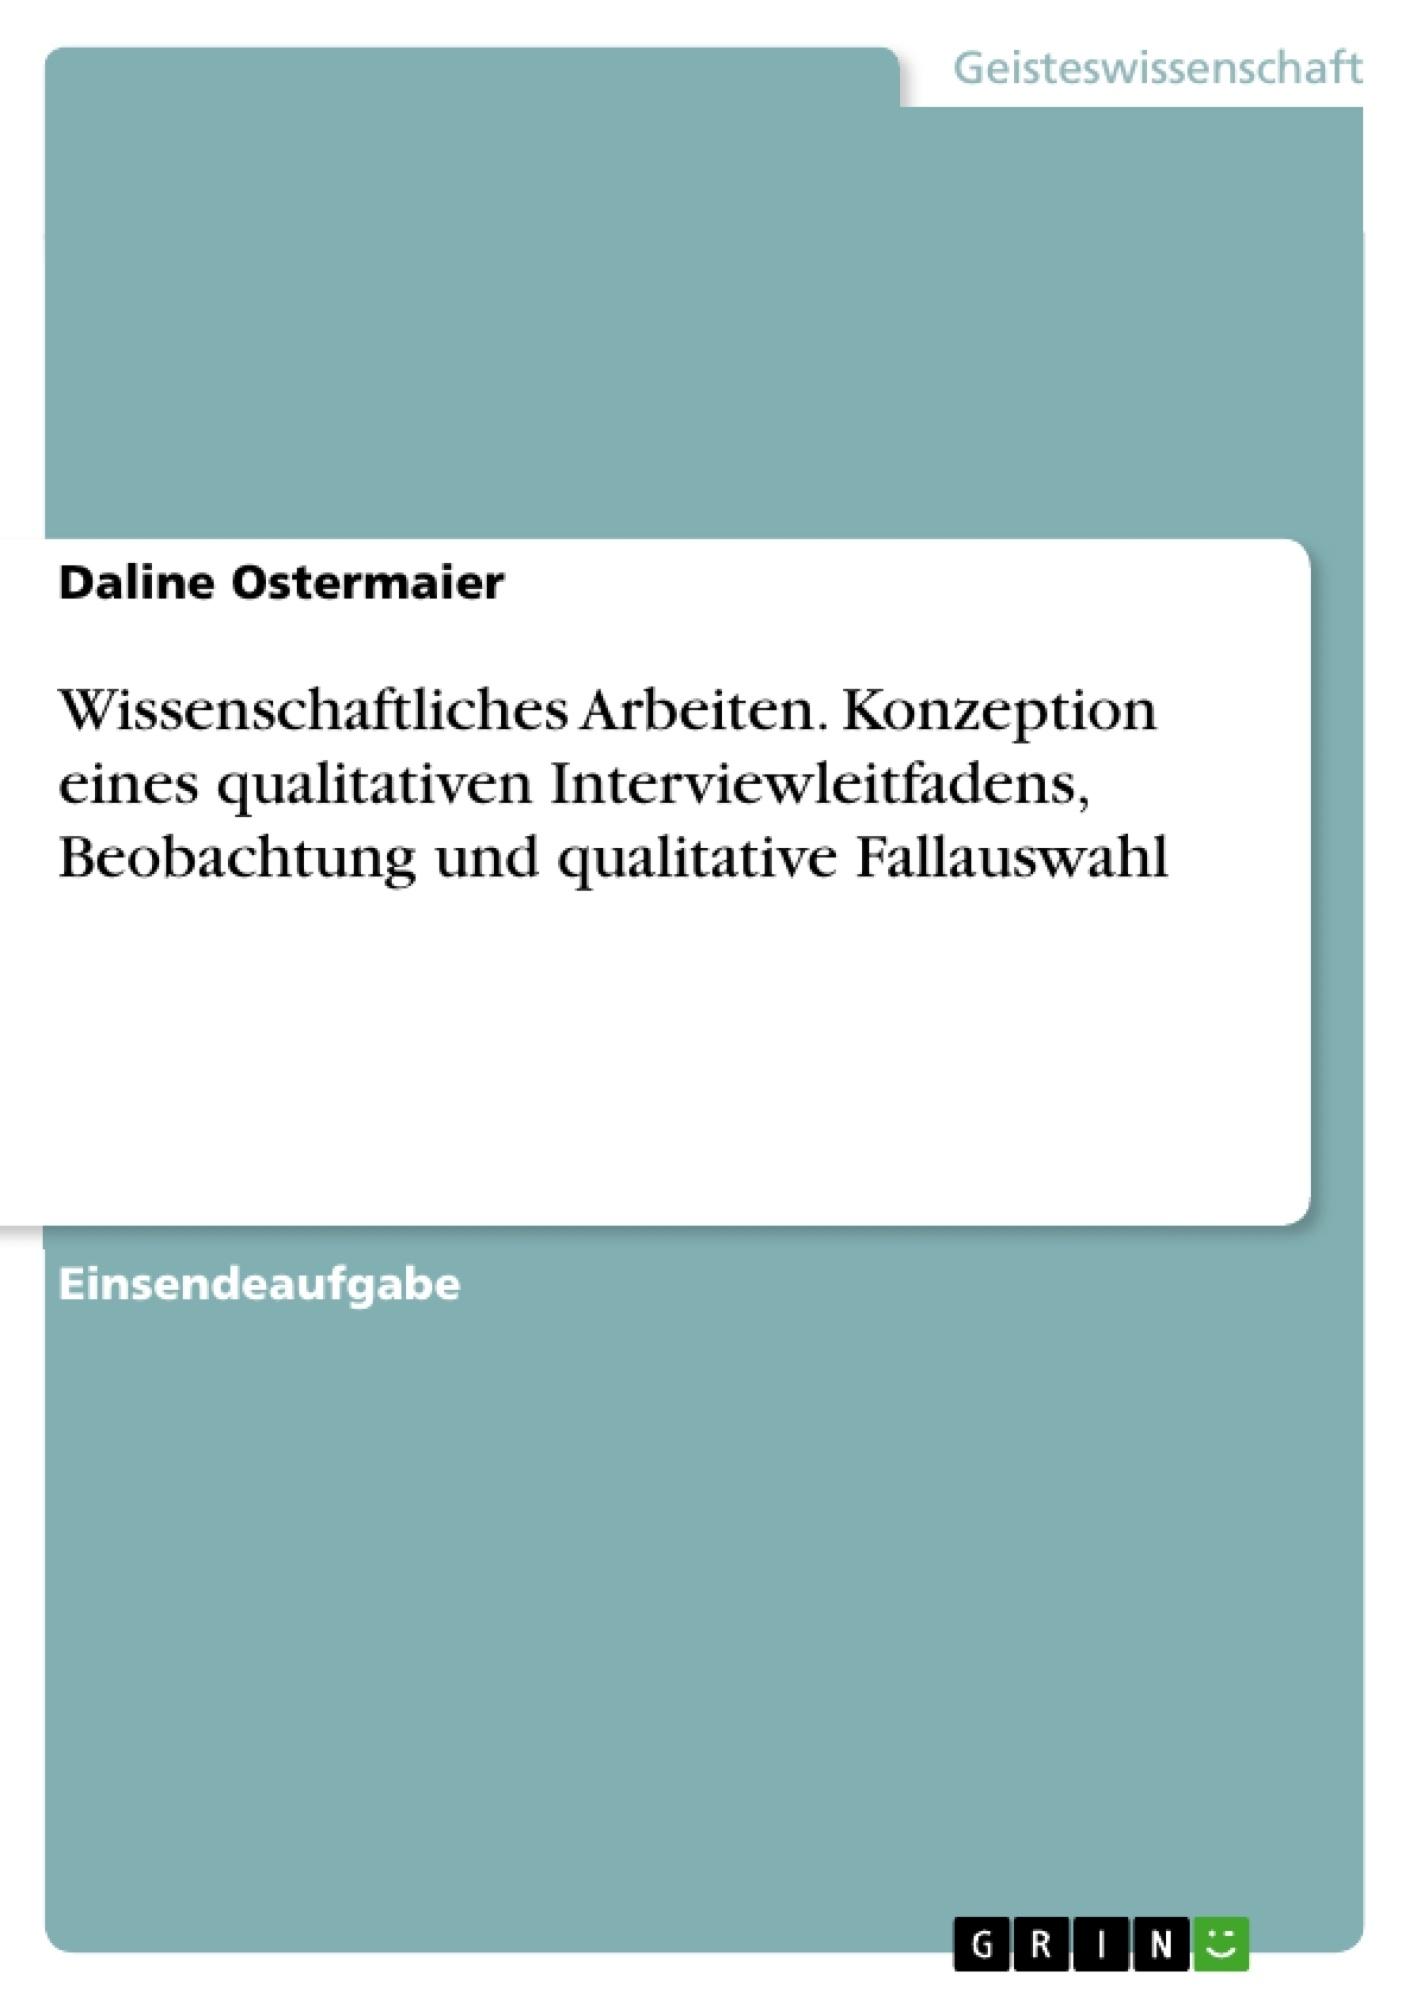 Titel: Wissenschaftliches Arbeiten. Konzeption eines qualitativen Interviewleitfadens, Beobachtung und qualitative Fallauswahl